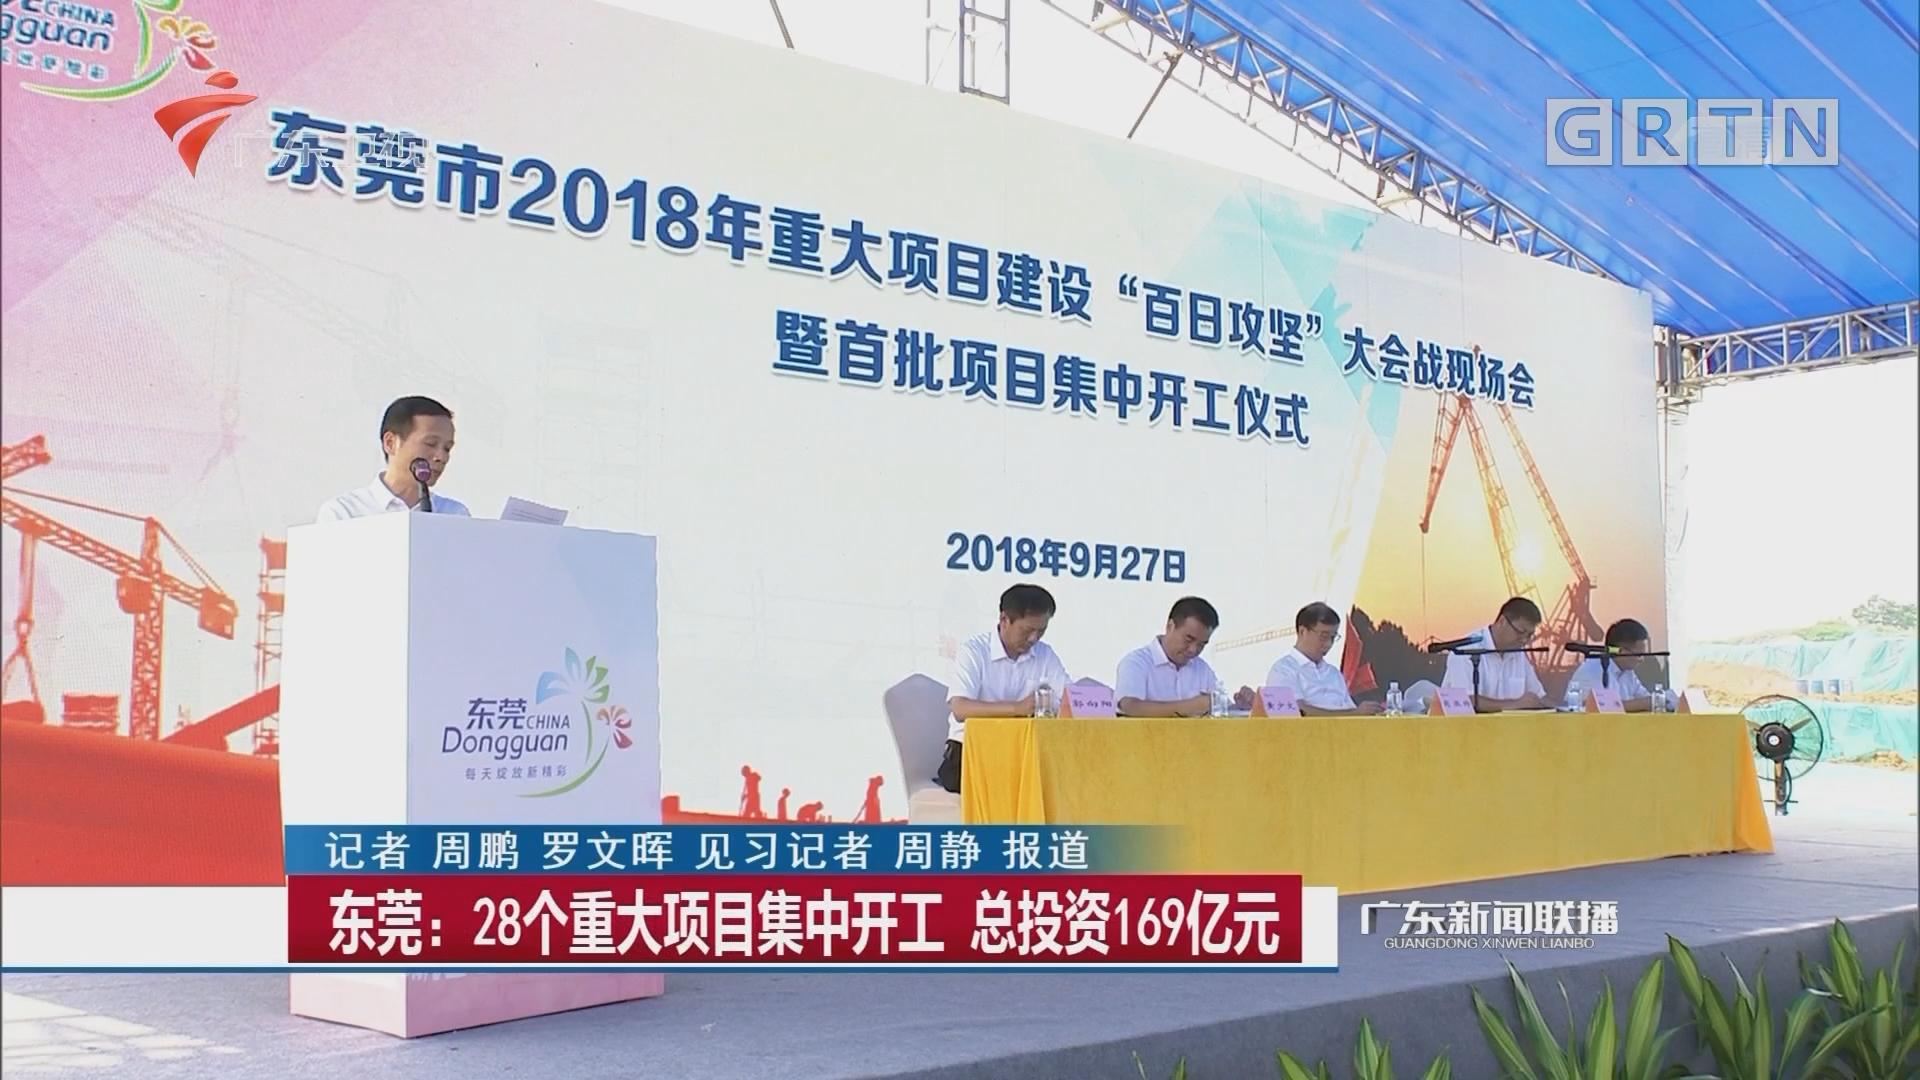 东莞:28个重大项目集中开工 总投资169亿元